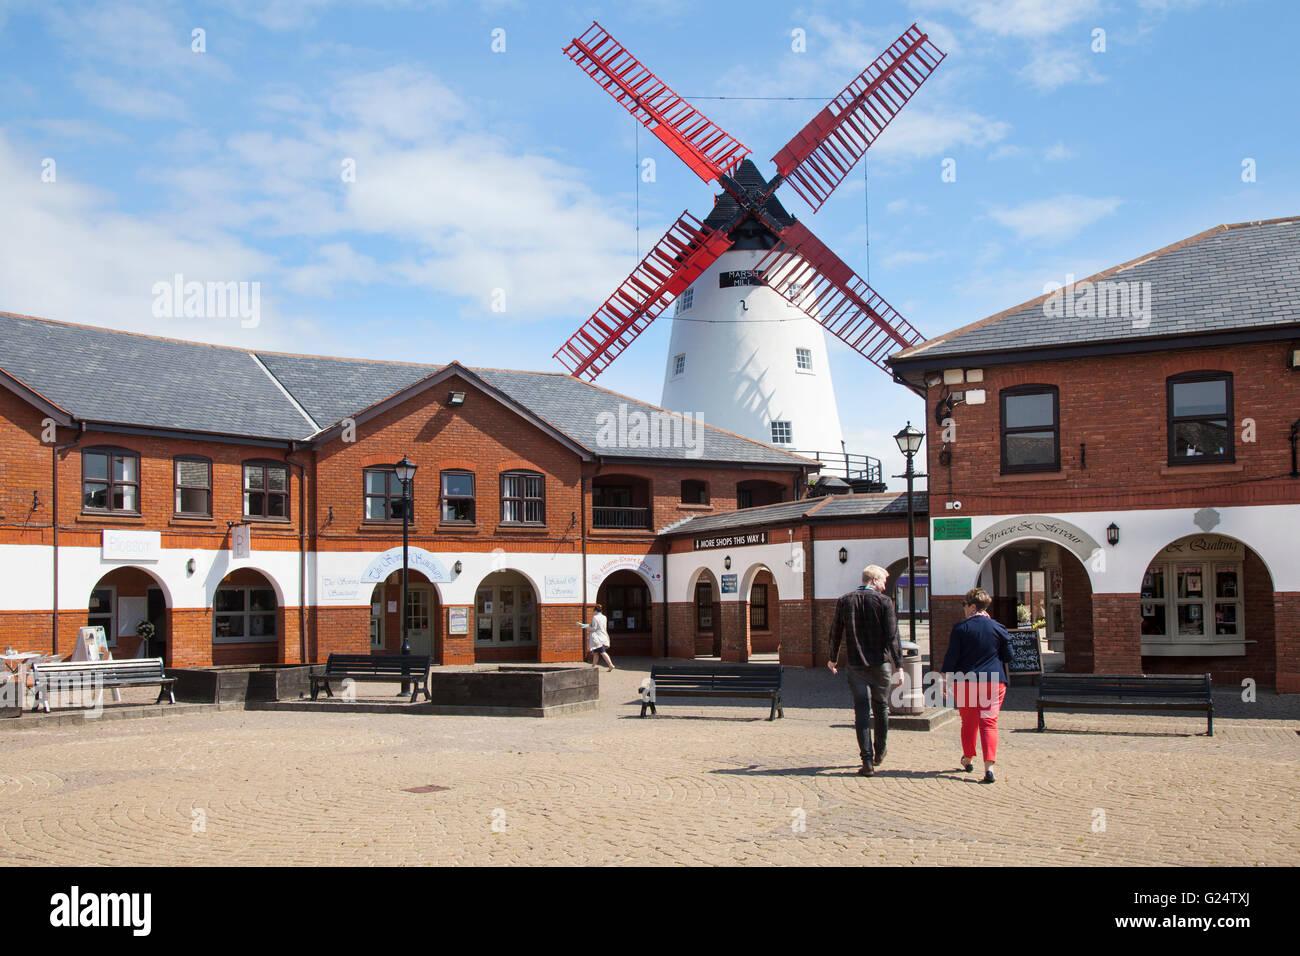 Structure, style, tiling, tourism, rustic, sails, shops, tourist ...